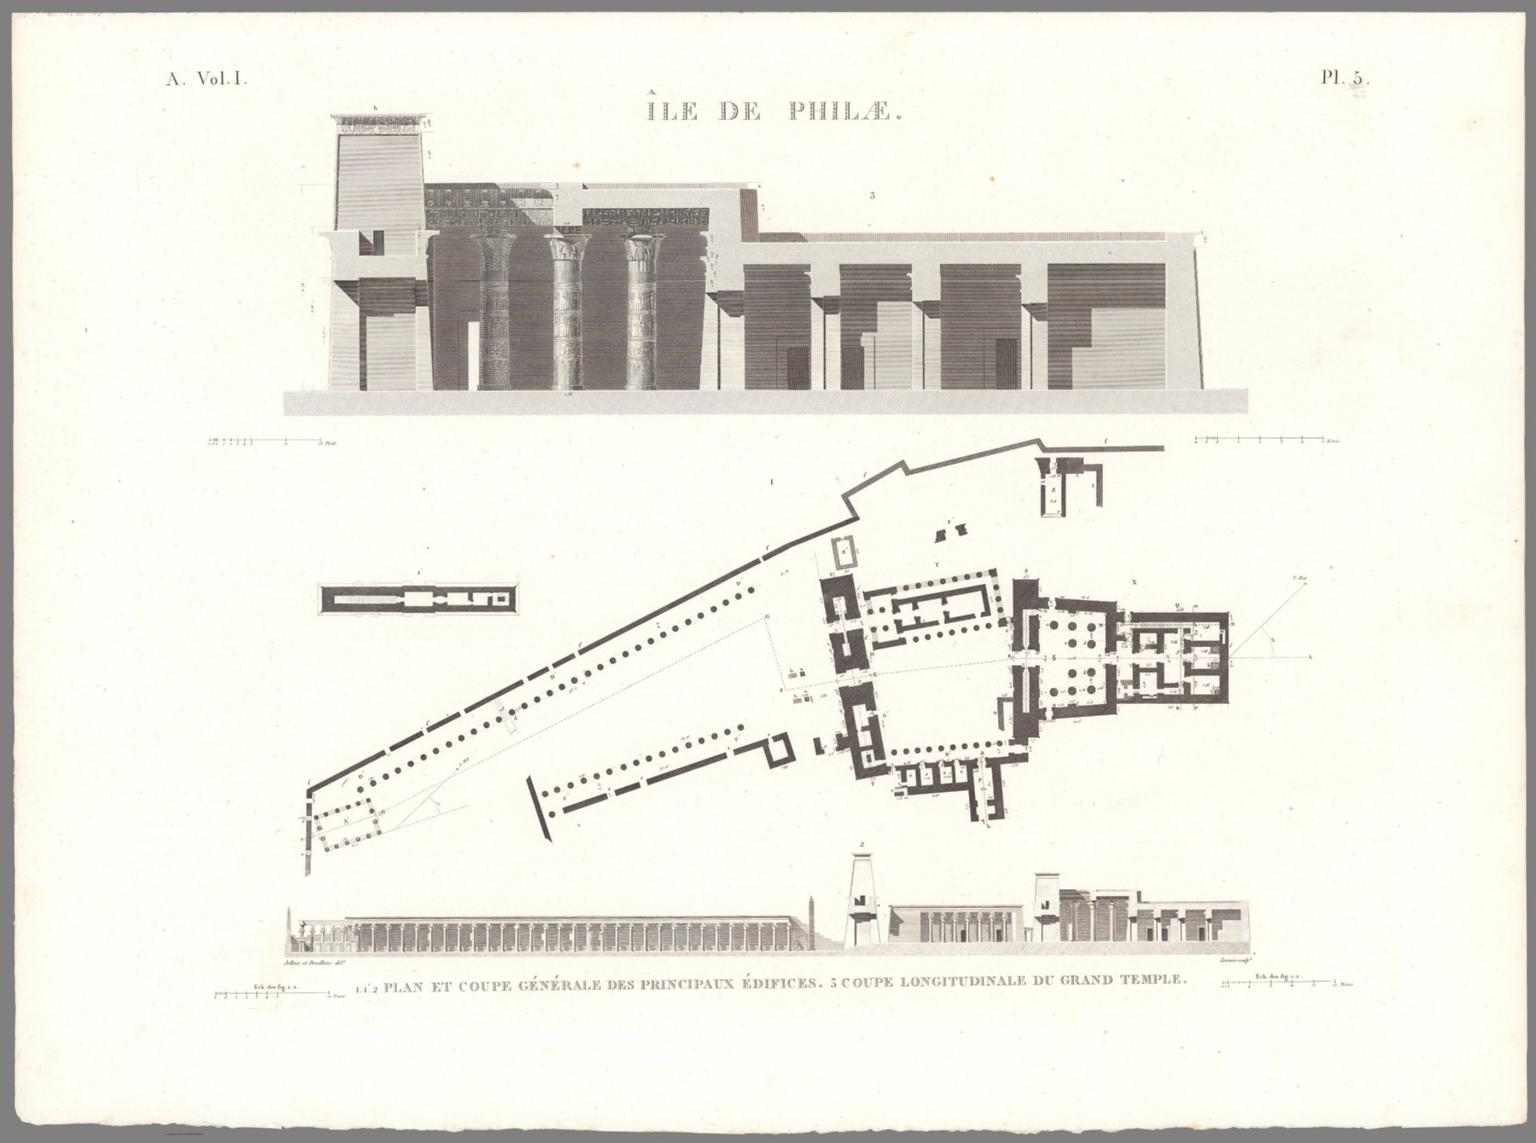 Planche 5, île de Philæ. 1.1.2 Plan Et Coupe Générale Des Principaux Édifices. 3 Coupe Longitudinale Du Grand Temple.